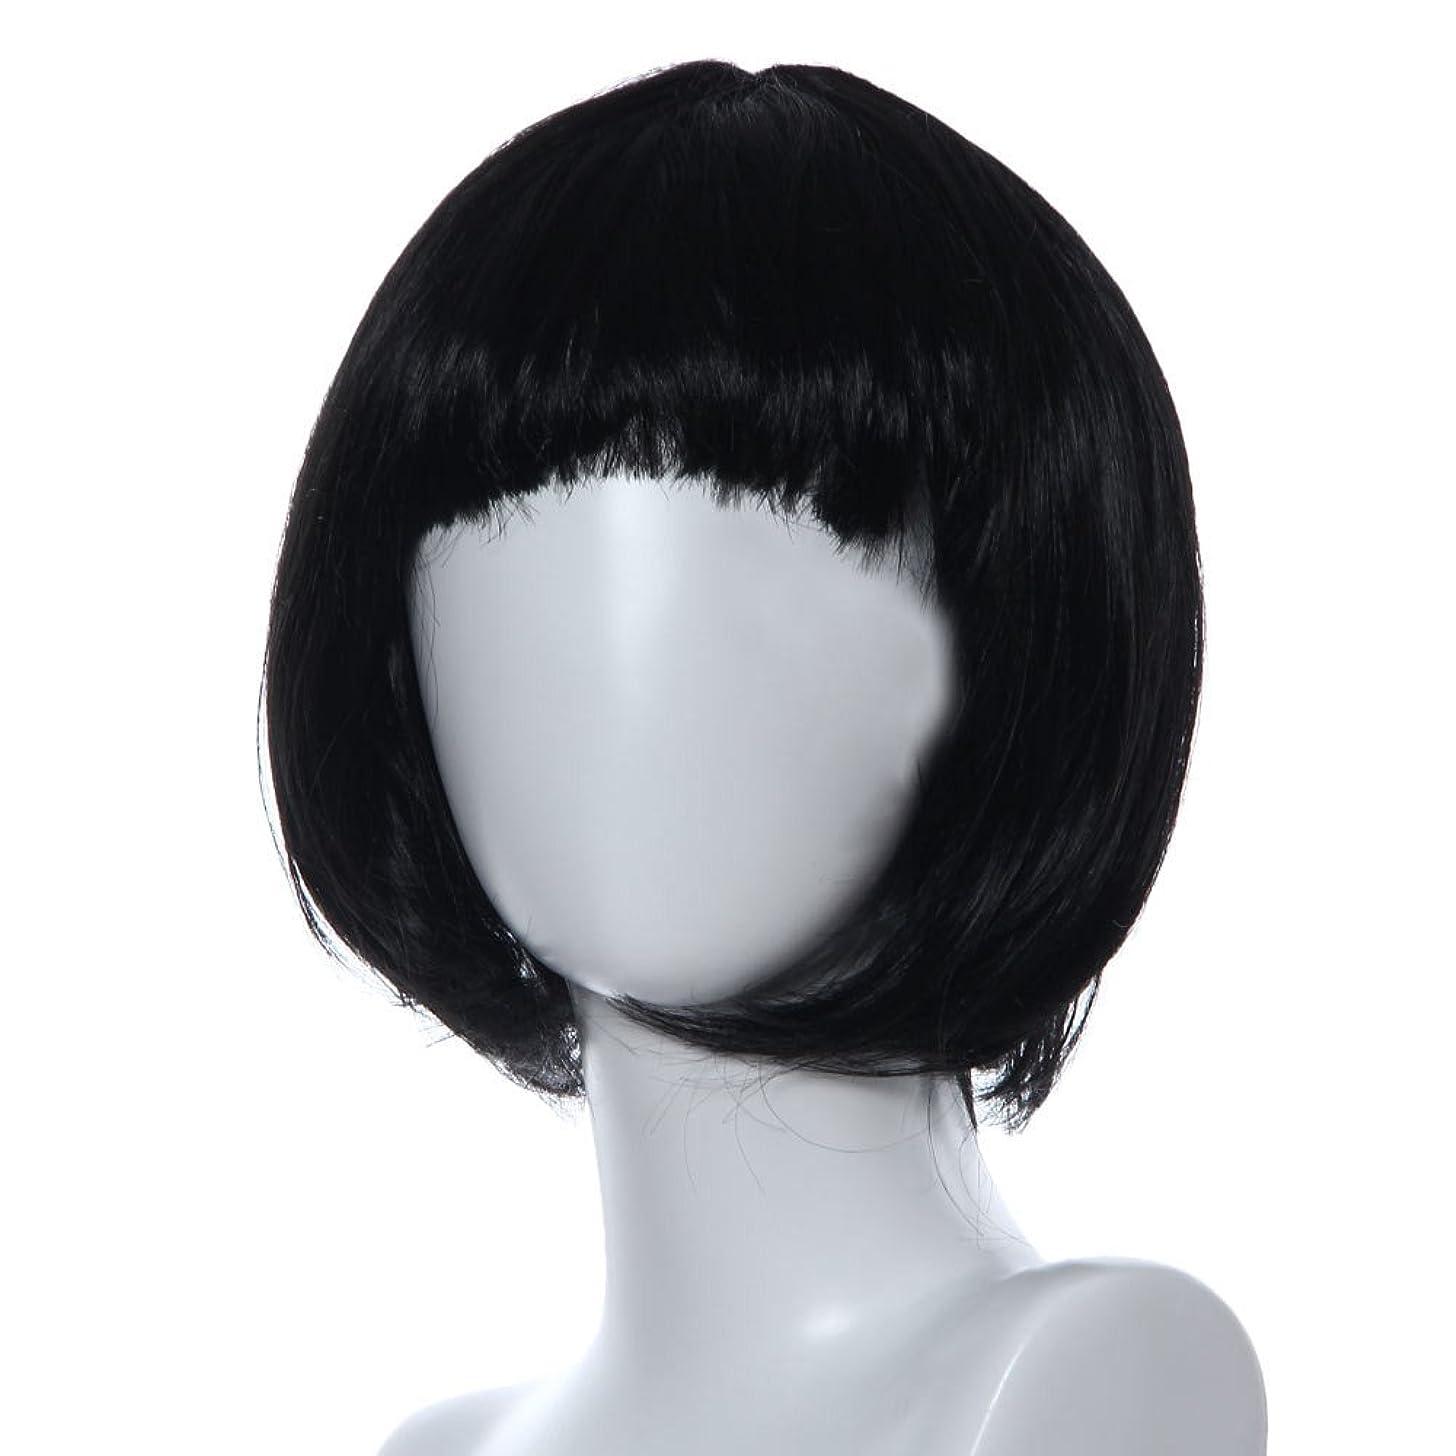 OWMEOT Masquerade Small Roll Bang Short Straight Hair Wig (black)